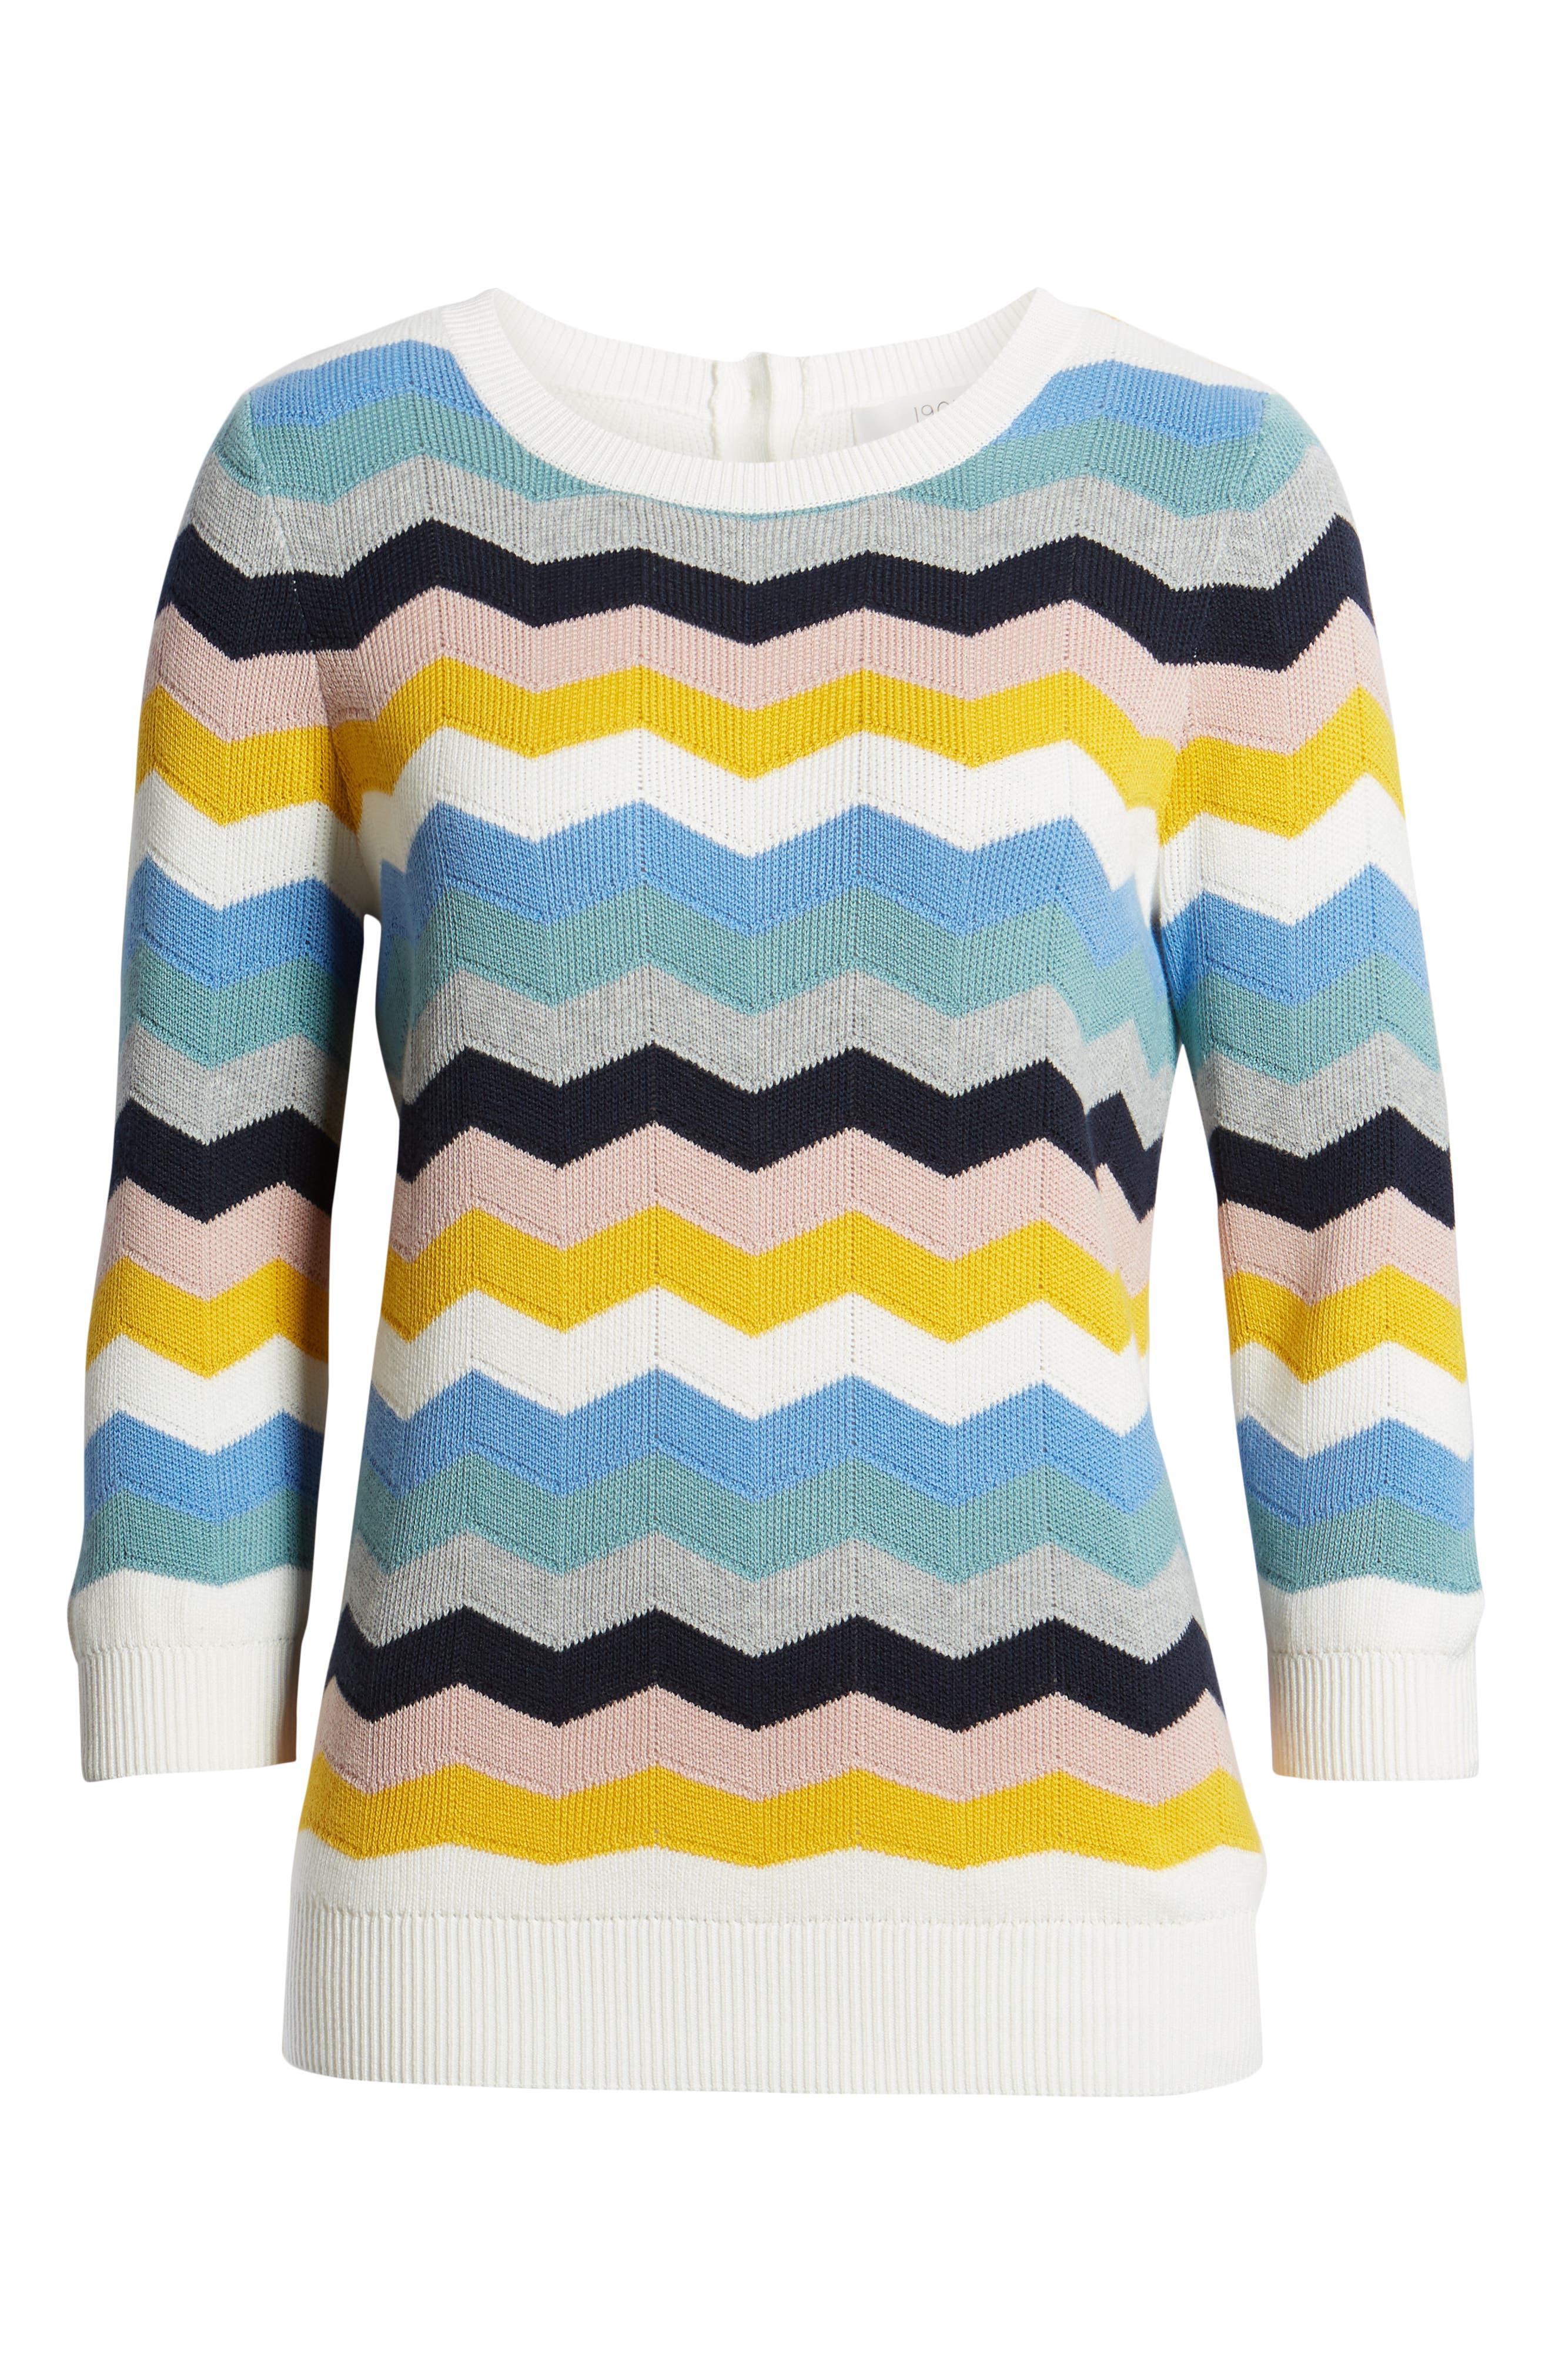 1901, Chevron Jacquard Sweater, Alternate thumbnail 6, color, BLUE MULTI CHEVRON PATTERN